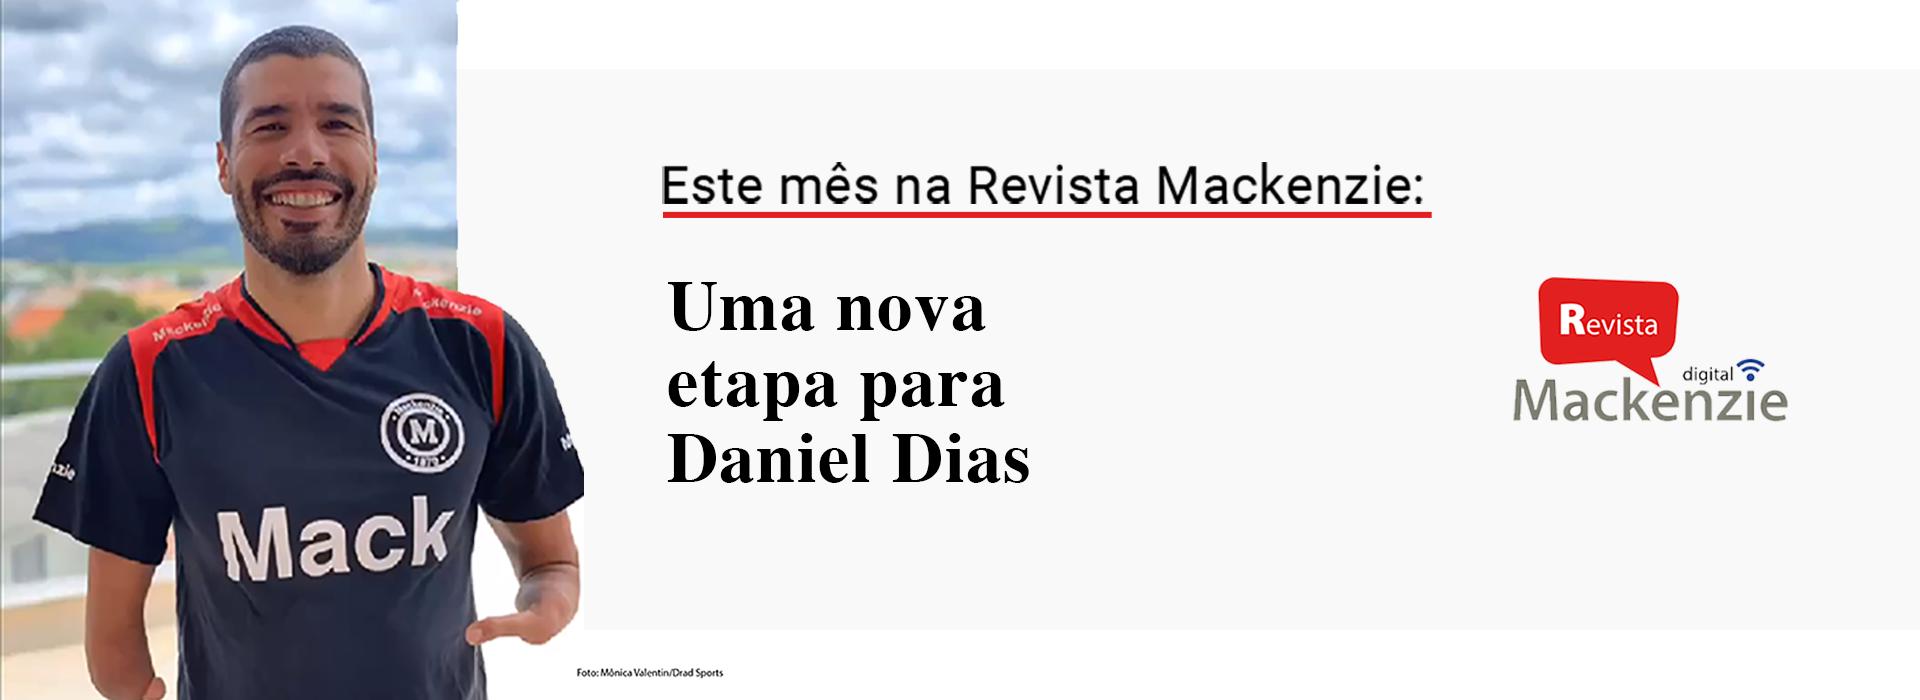 """Na imagem, o atleta Daniel Dias, de camiseta preta, com o logotipo do Mackenzie, sorri. O resto da imagem traz os dizeres """"este mês na Revista Mackenzie: Uma nova etapa para Daniel Dias"""""""